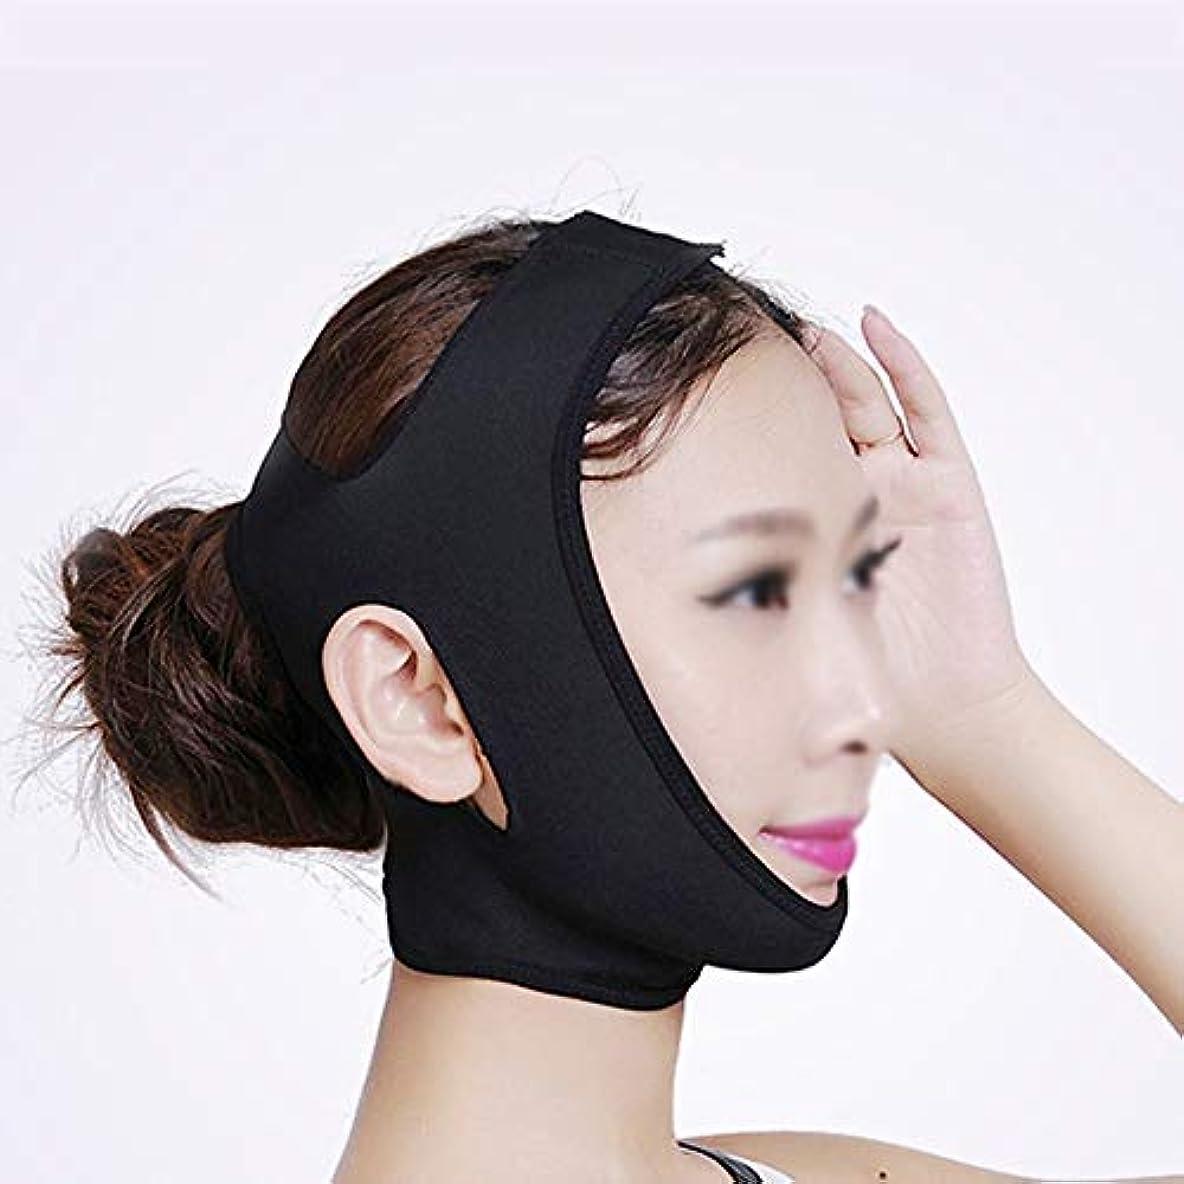 改修家具肩をすくめるLJK 減量の包帯、顔の持ち上がる包帯、二重あごを減らすために持ち上がるベルトを取除く顔の減量のマスクの持ち上がる表面、フェイスマスク、二重あご (Color : Black, Size : S)